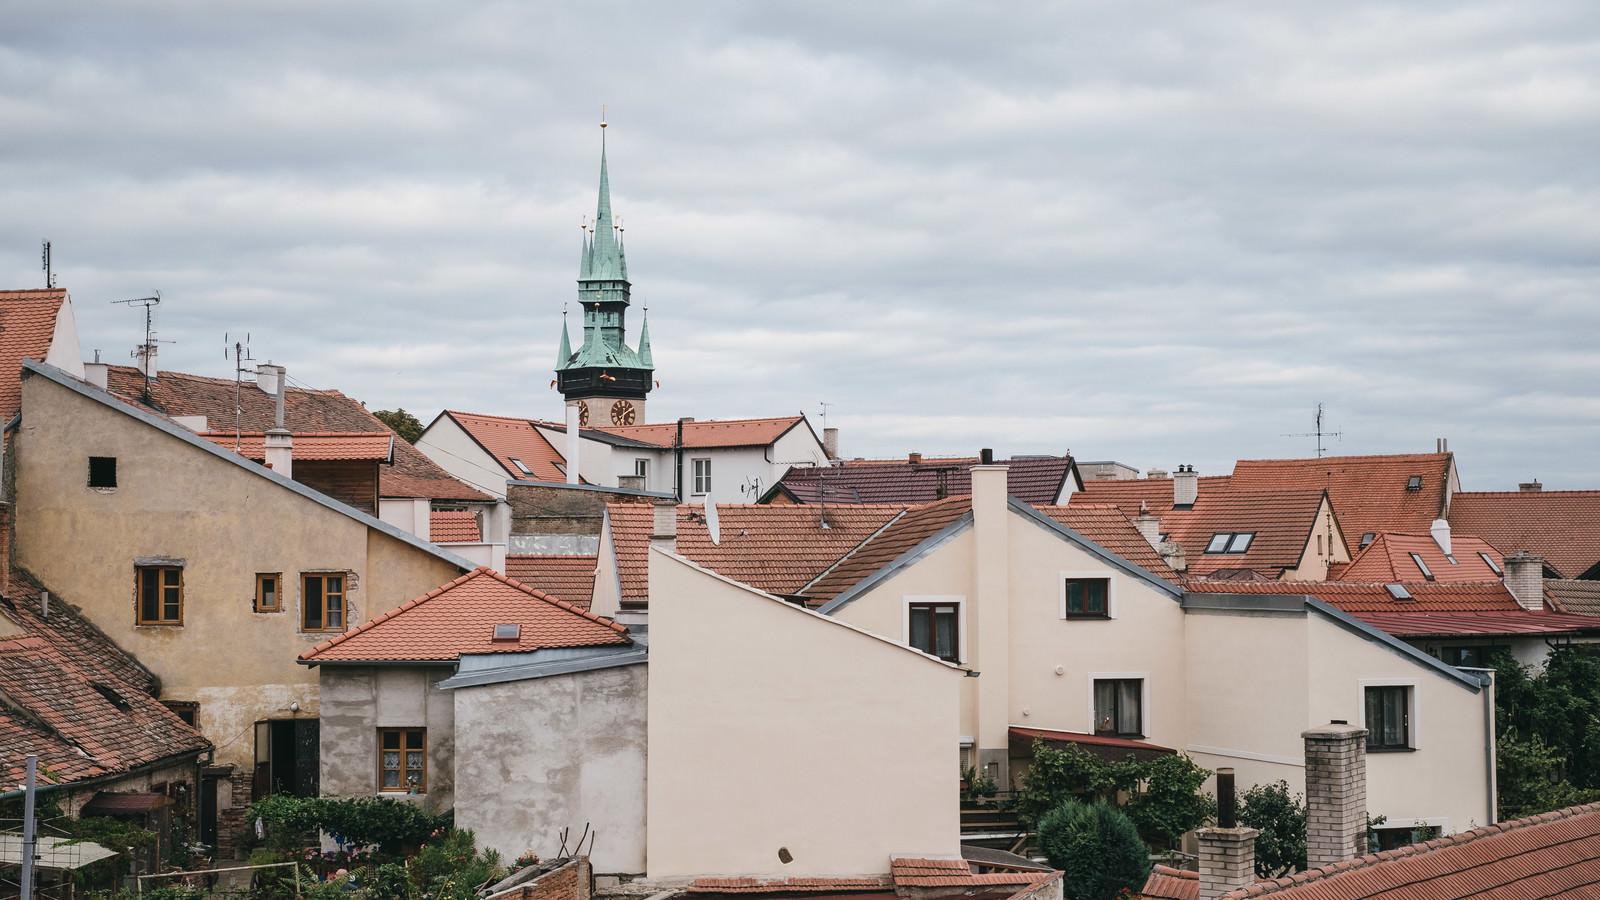 「住宅街の中にある時計台(チェコ・ズノイモ市)」の写真